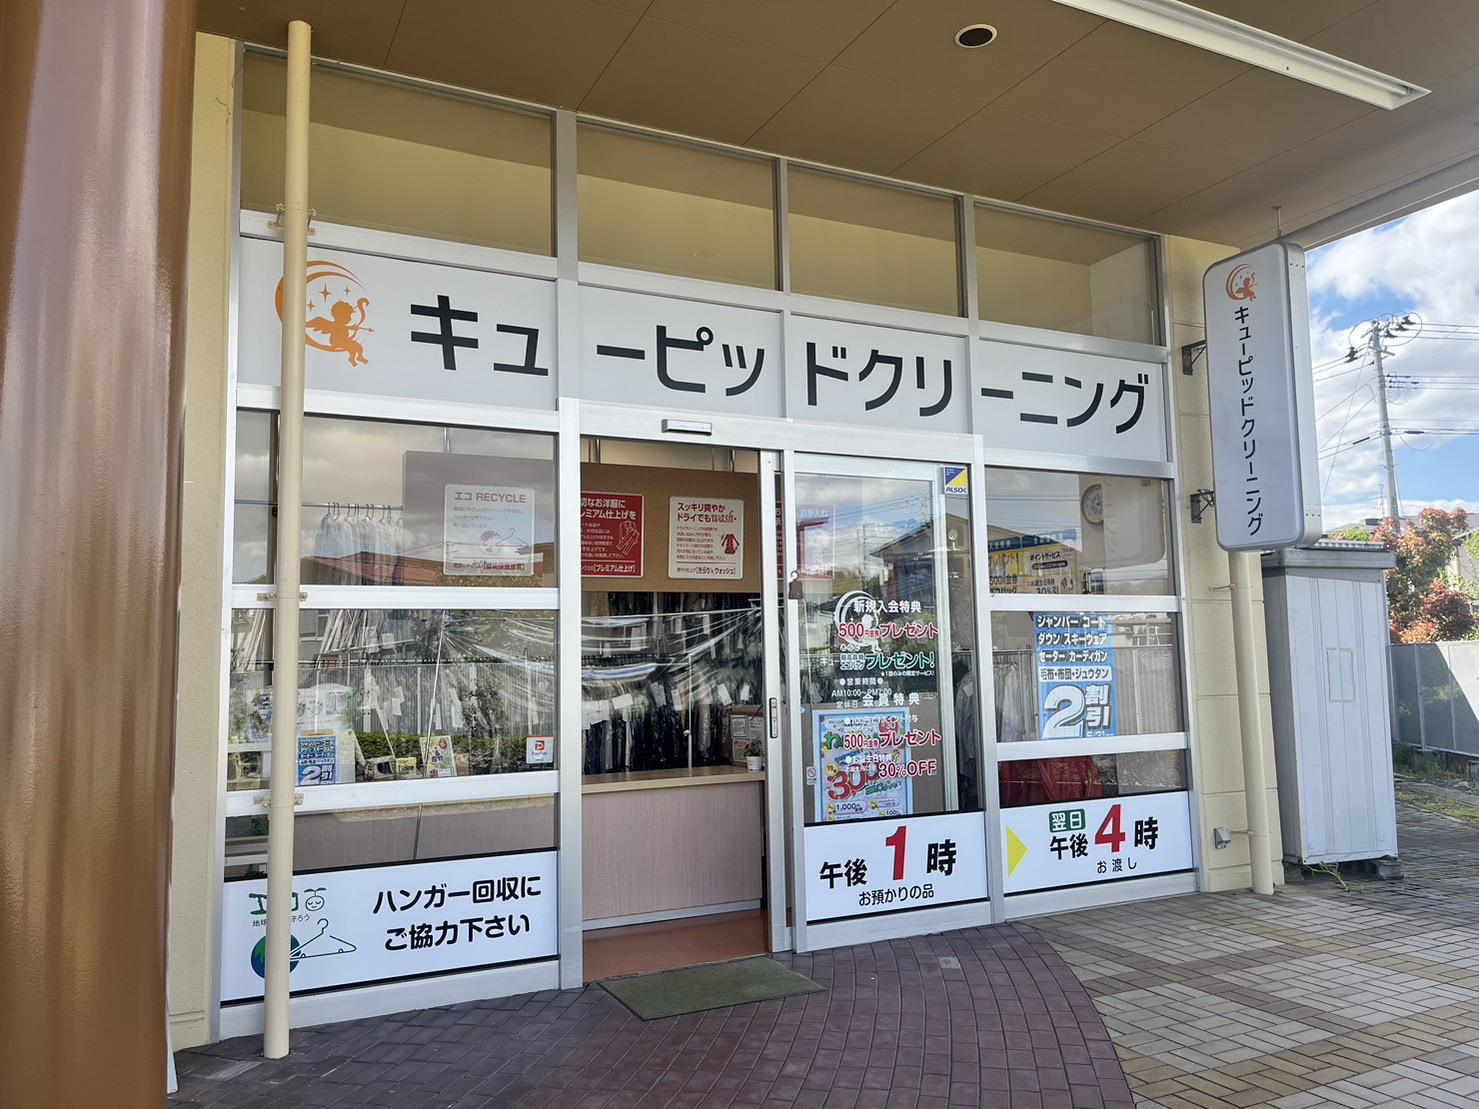 キューピットクリーニングヨークベニマル寒河江店